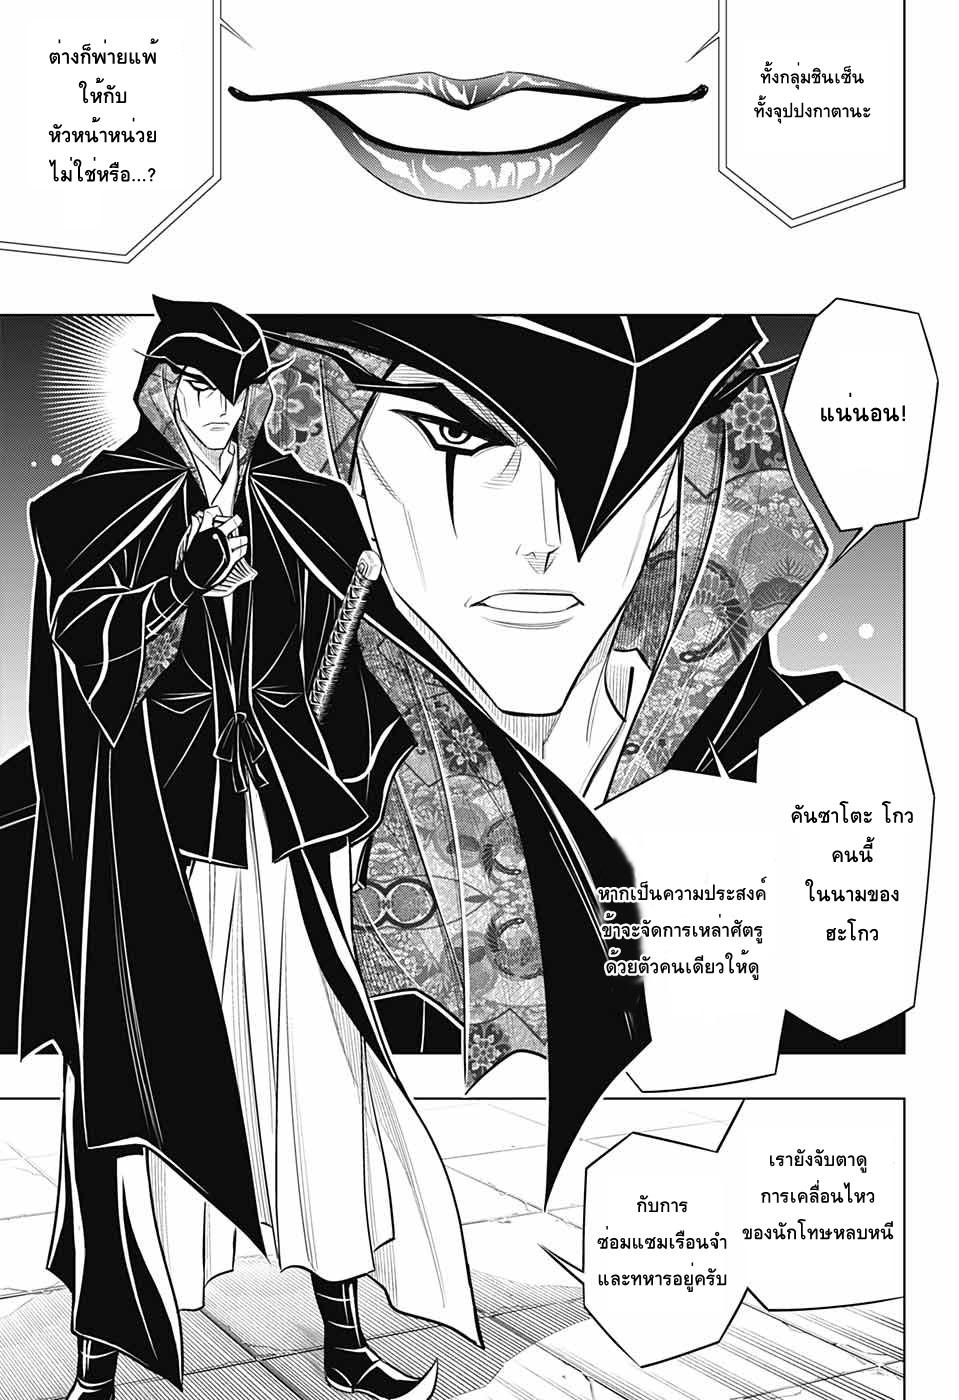 อ่านการ์ตูน Rurouni Kenshin: Hokkaido Arc ตอนที่ 15 หน้าที่ 4